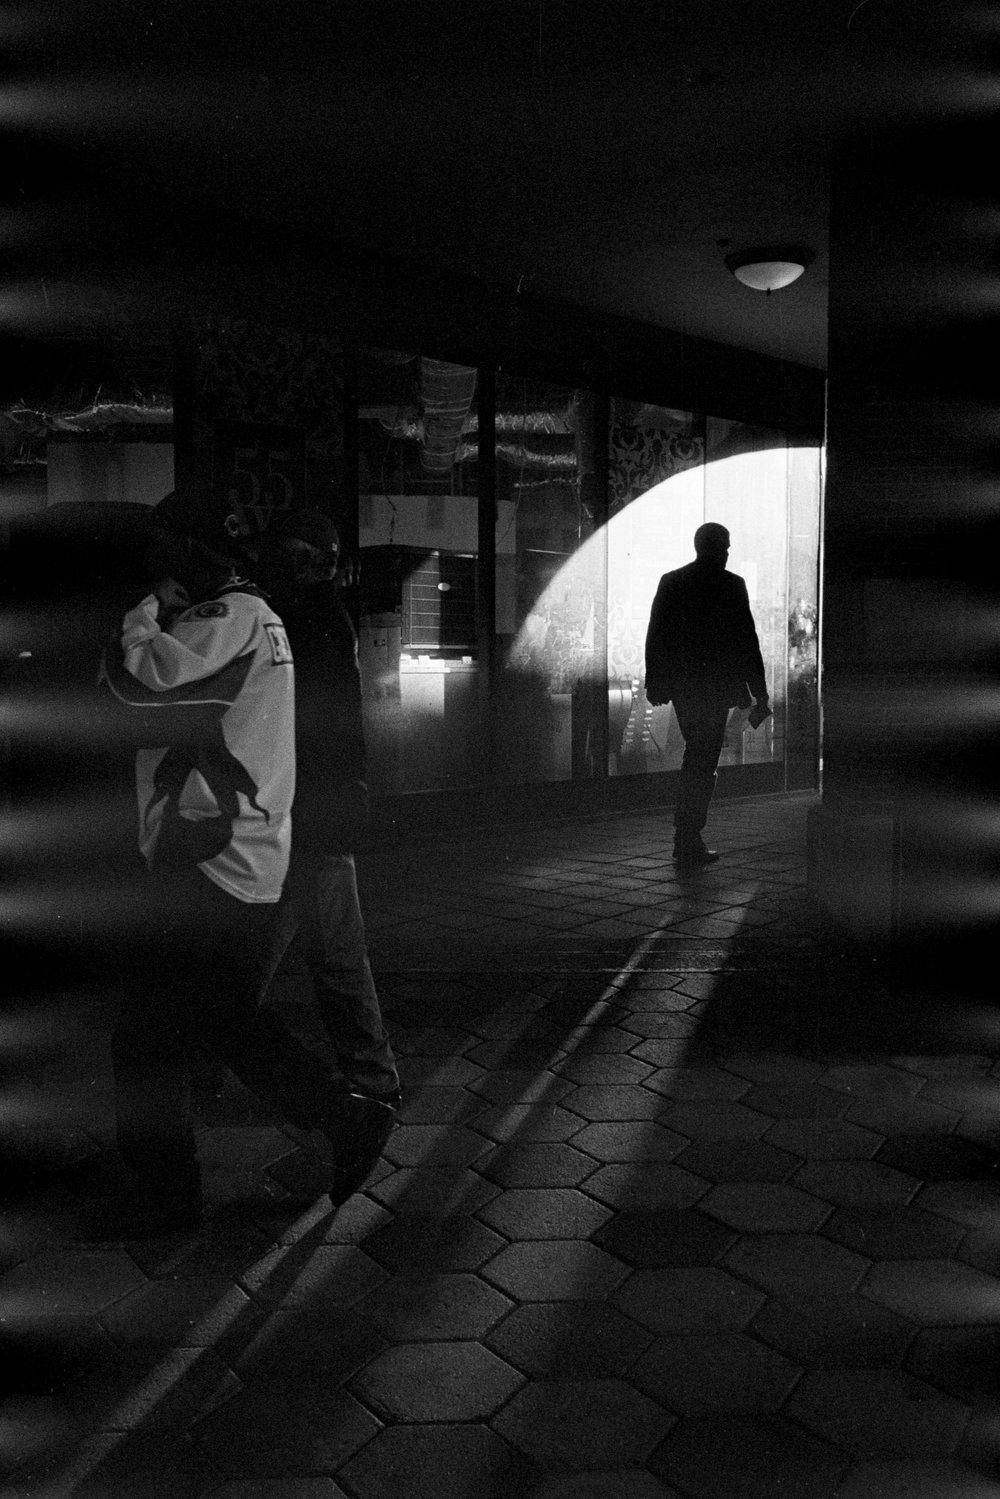 orlando_leica_m6_zeiss_35mm_film_scan_matt_benson_street_photography.jpg